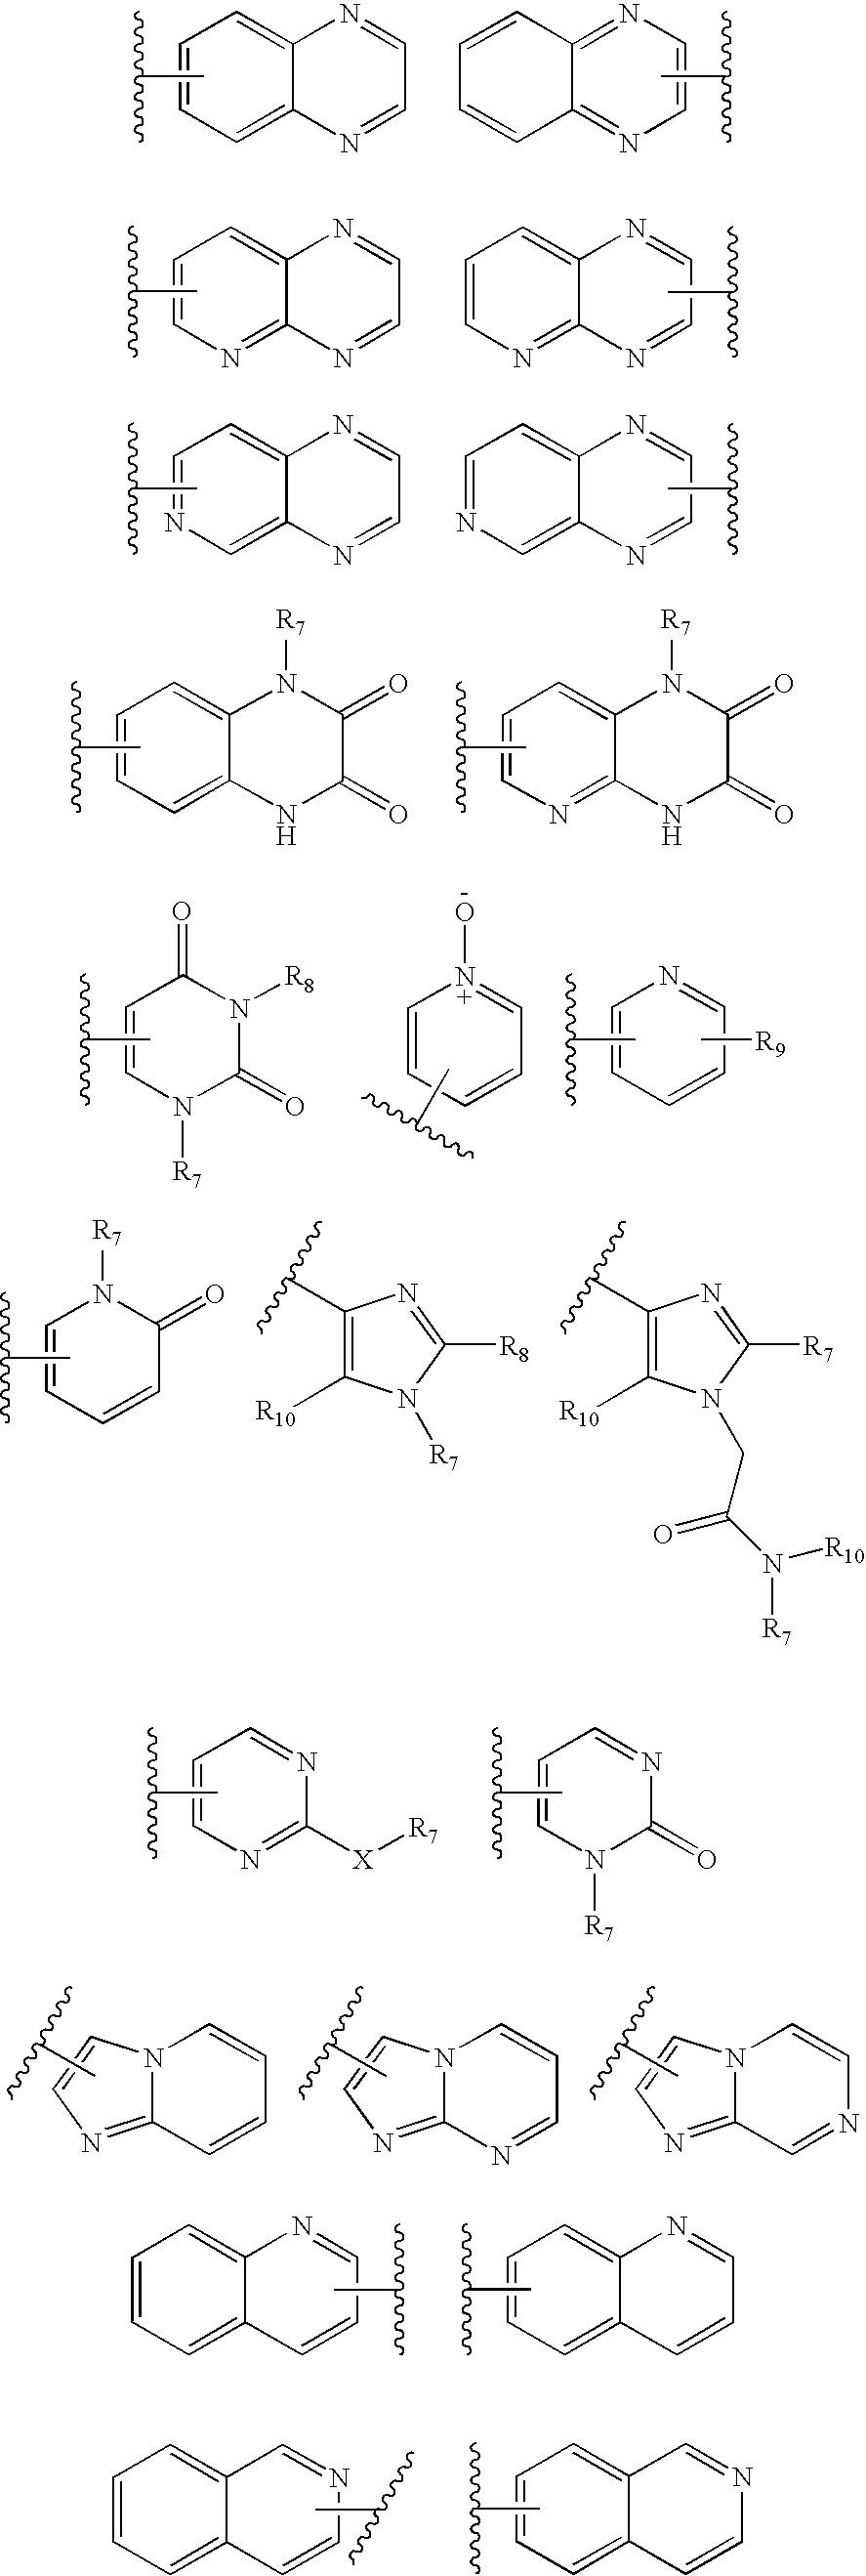 Figure US07531542-20090512-C00093